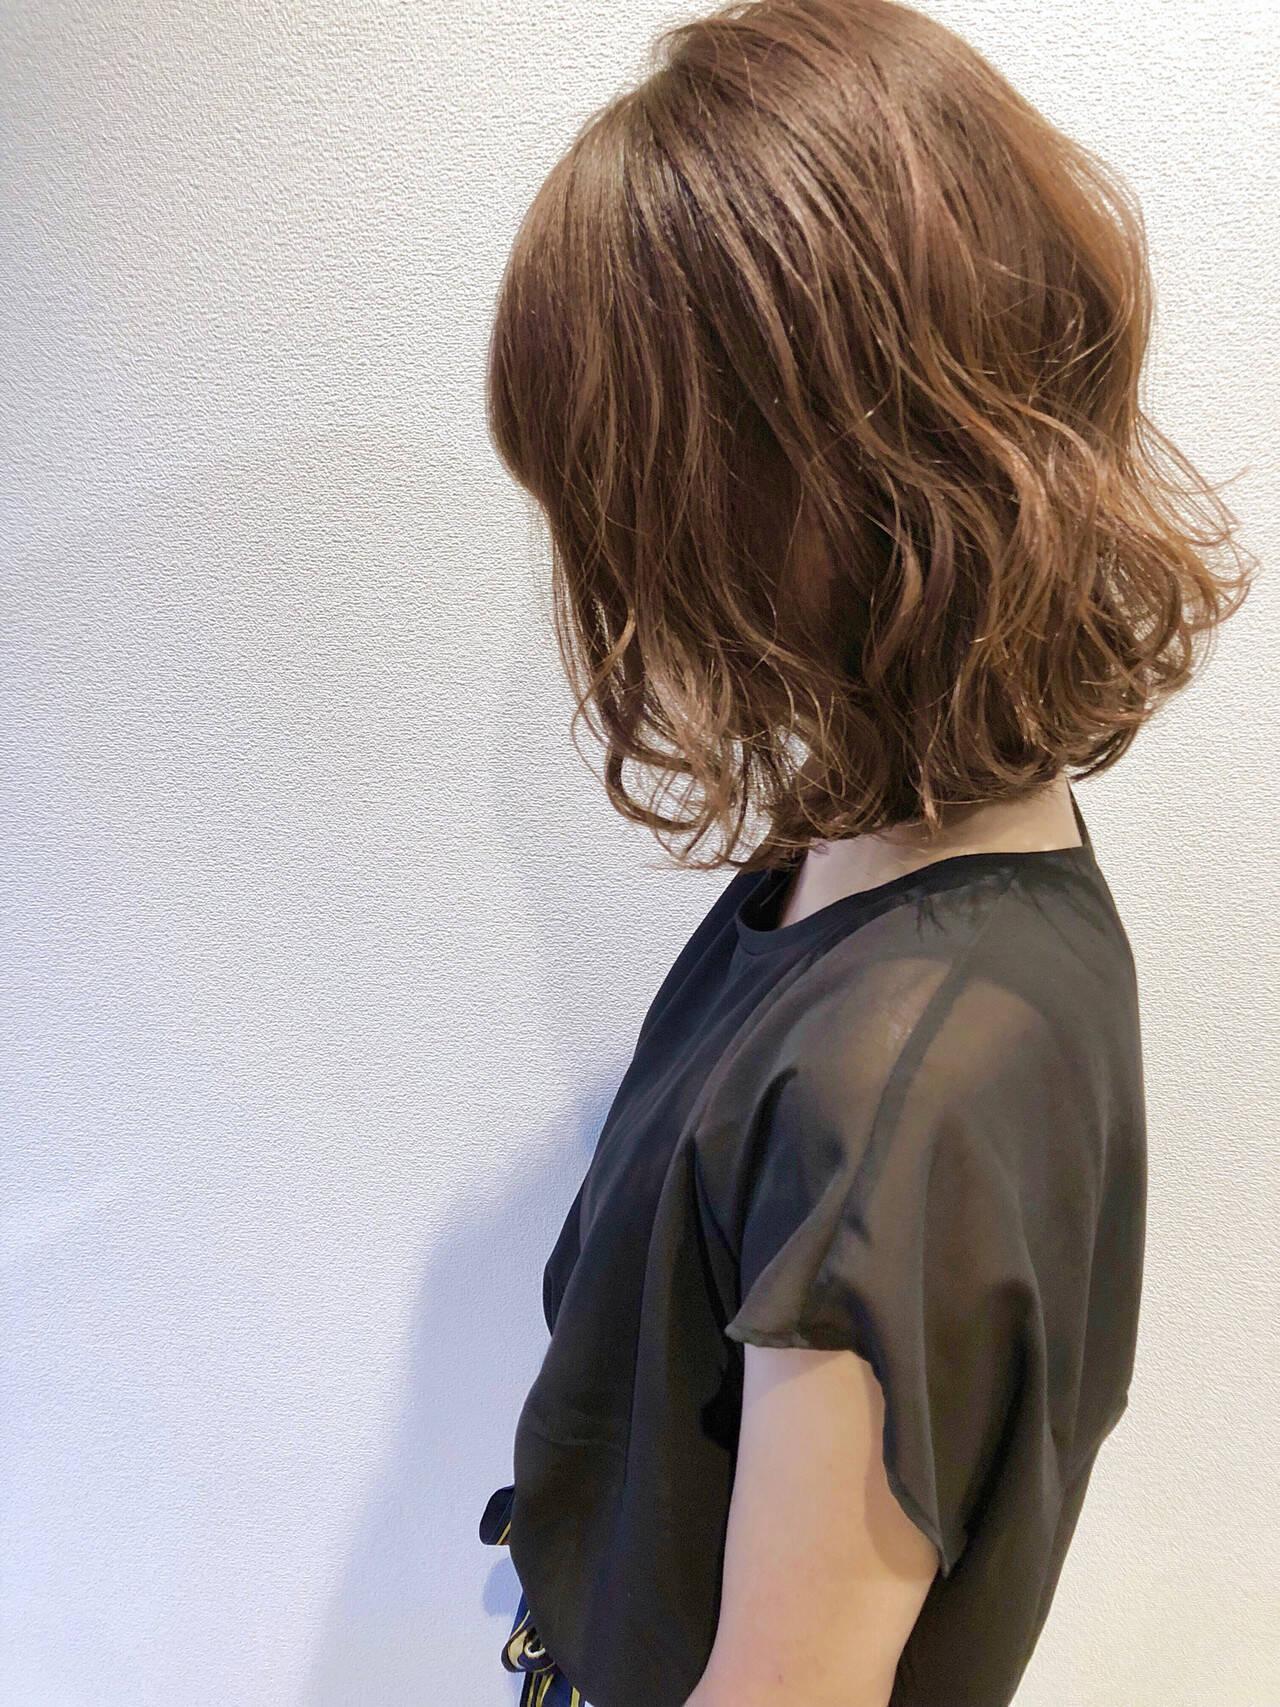 無造作パーマ ナチュラル ゆるふわパーマ ボブヘアスタイルや髪型の写真・画像